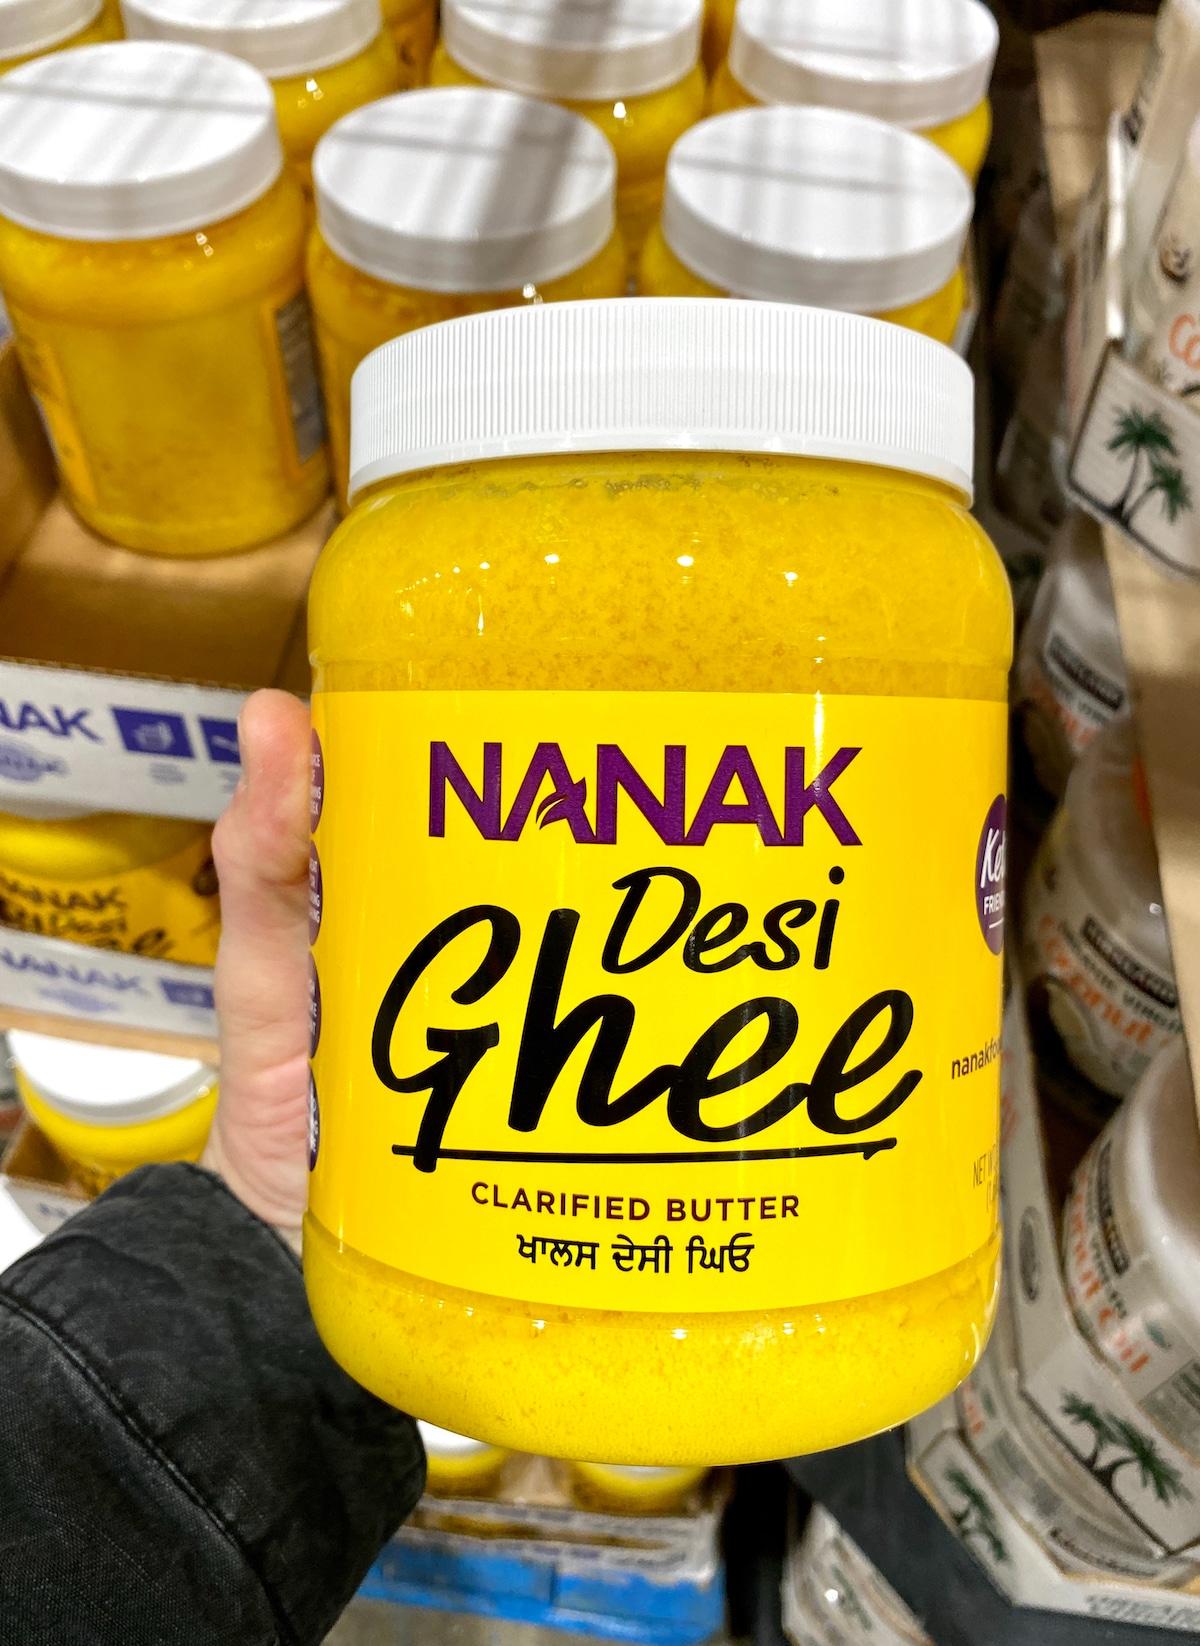 Can You Freeze Clarified Butter/Ghee?